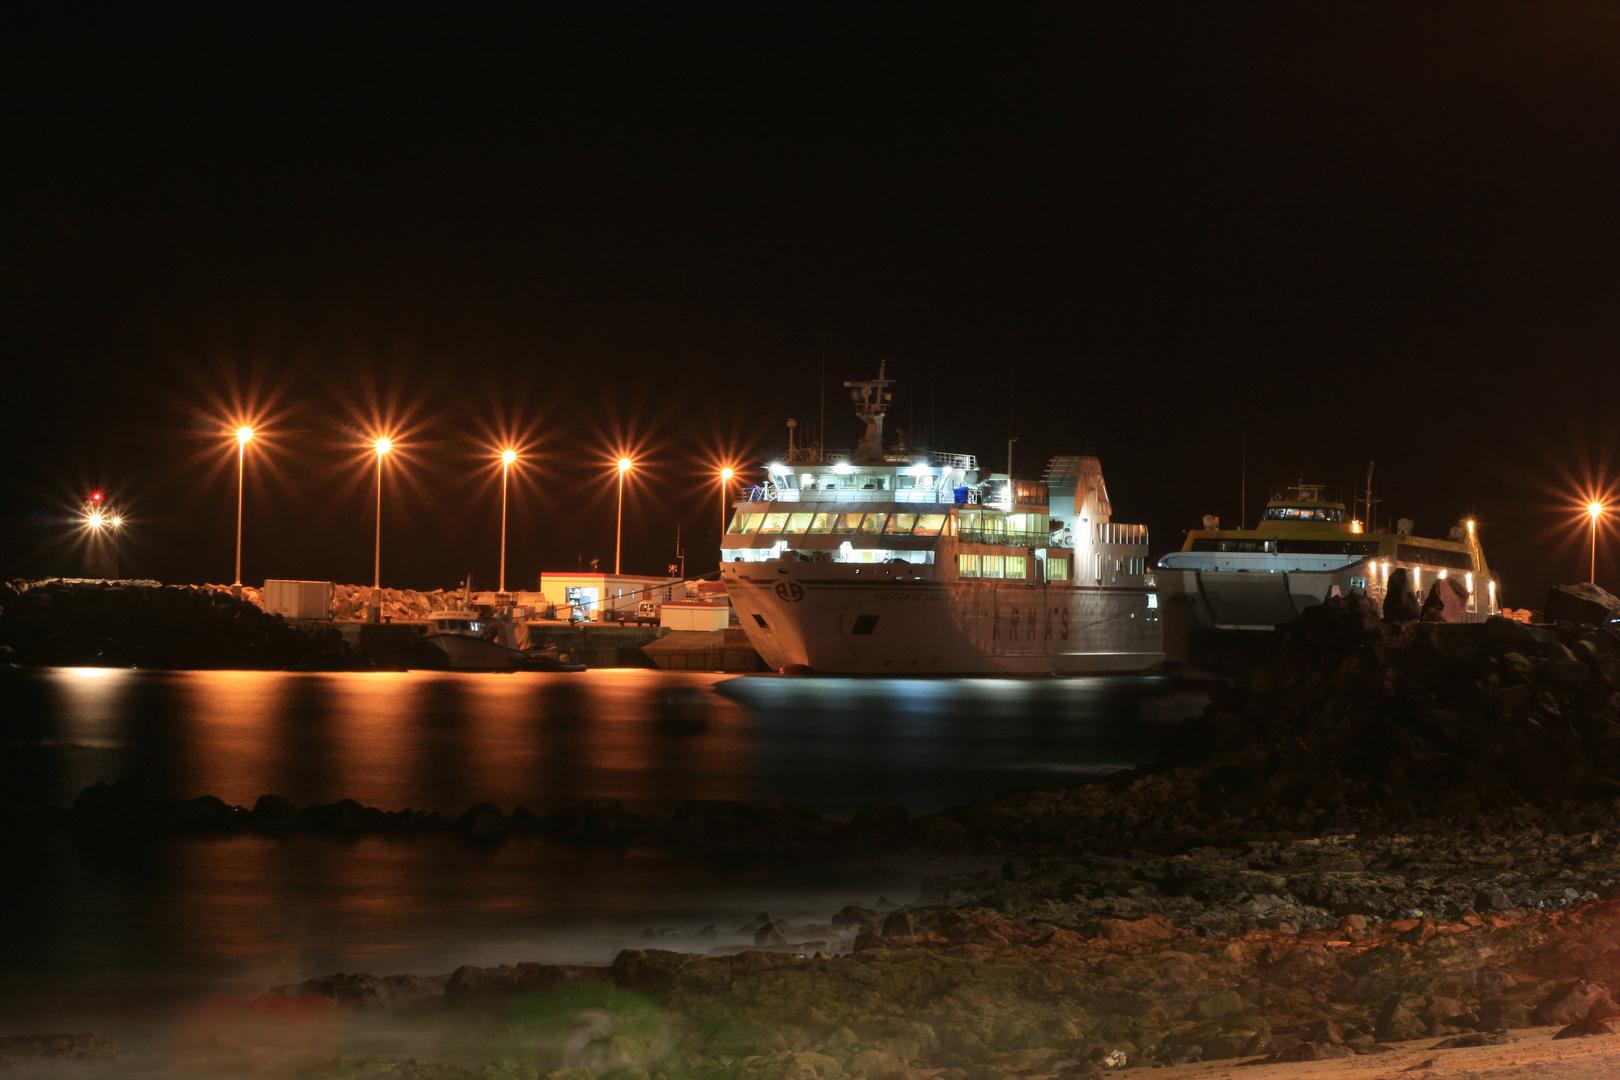 En el puerto de Playa Blanca / Im Hafen von Playa Blanca